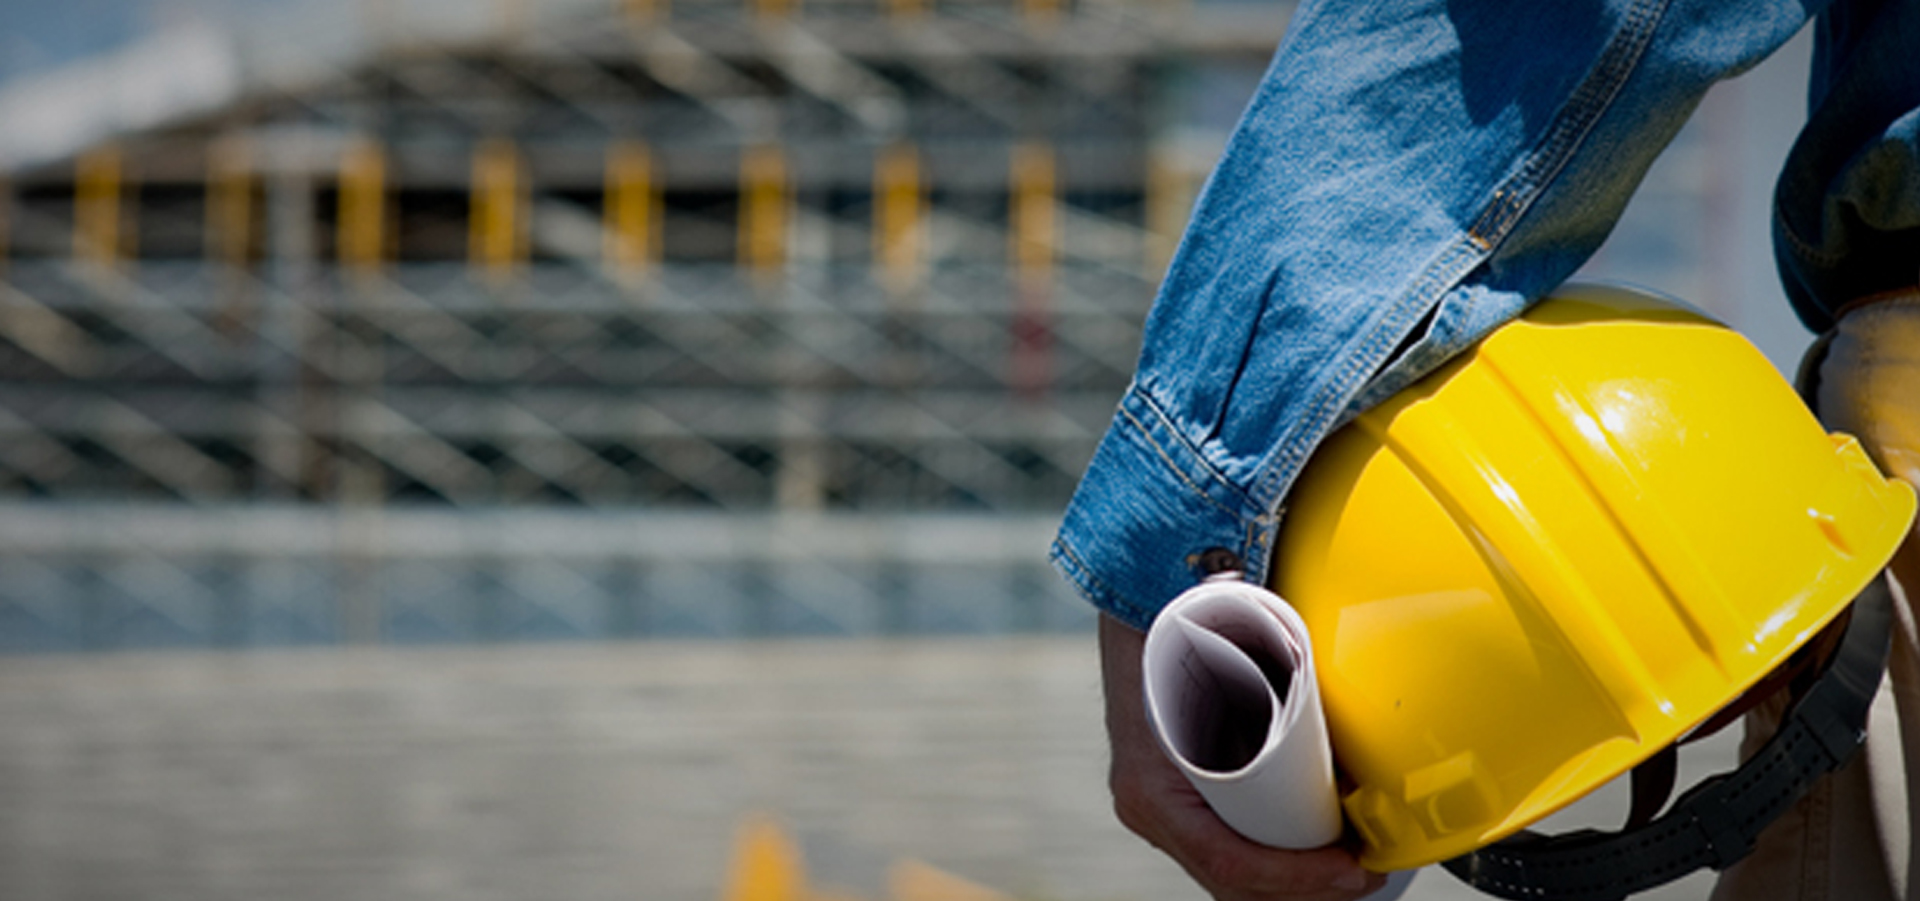 Rcc Construction Company : Rcc rana construction company